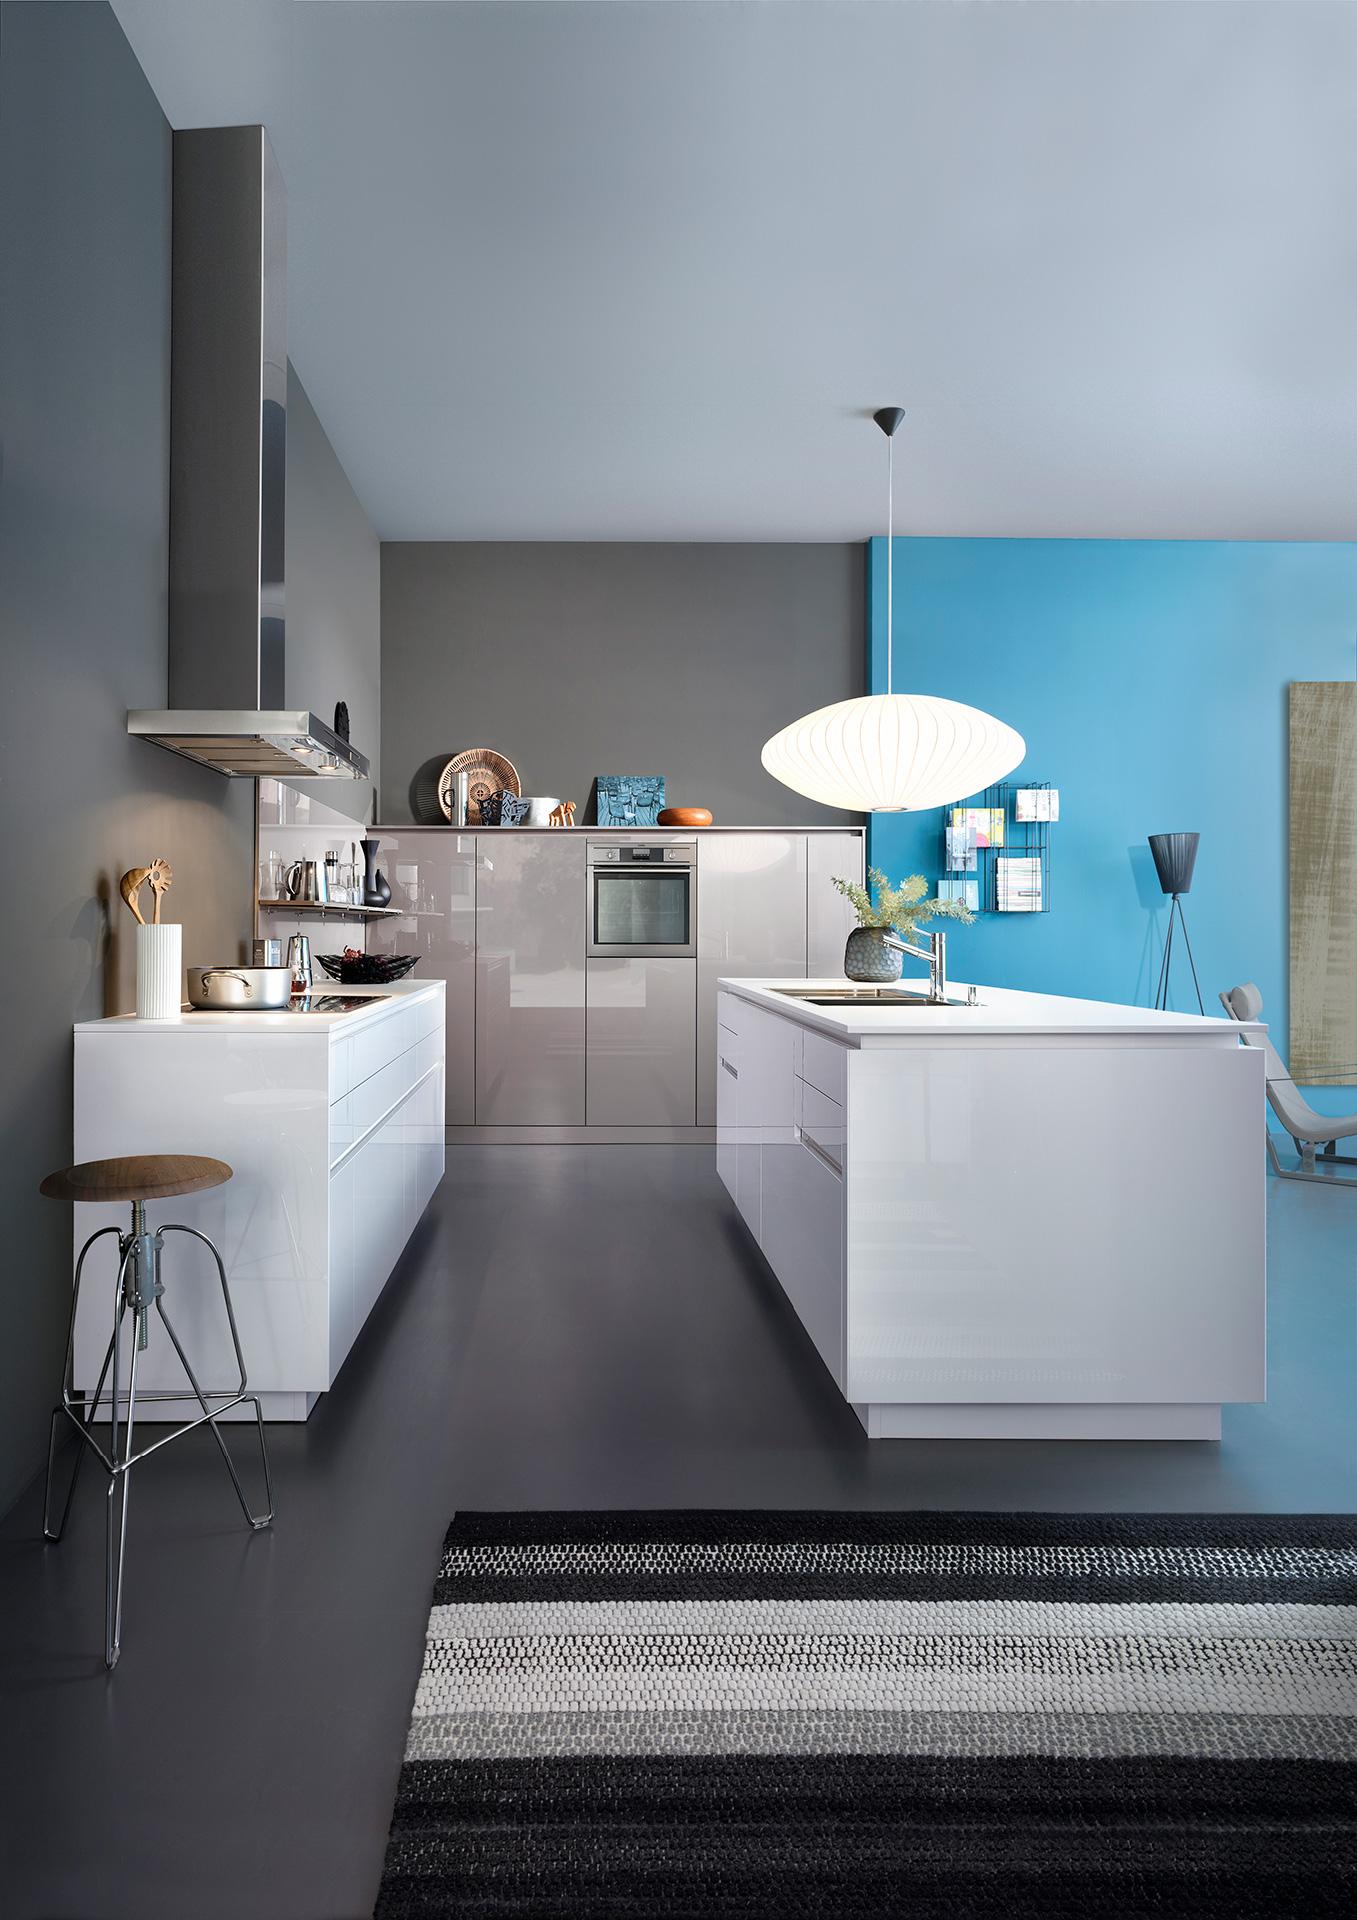 Dieter schrader   küchen, musterküchen und kochschule in bad ...